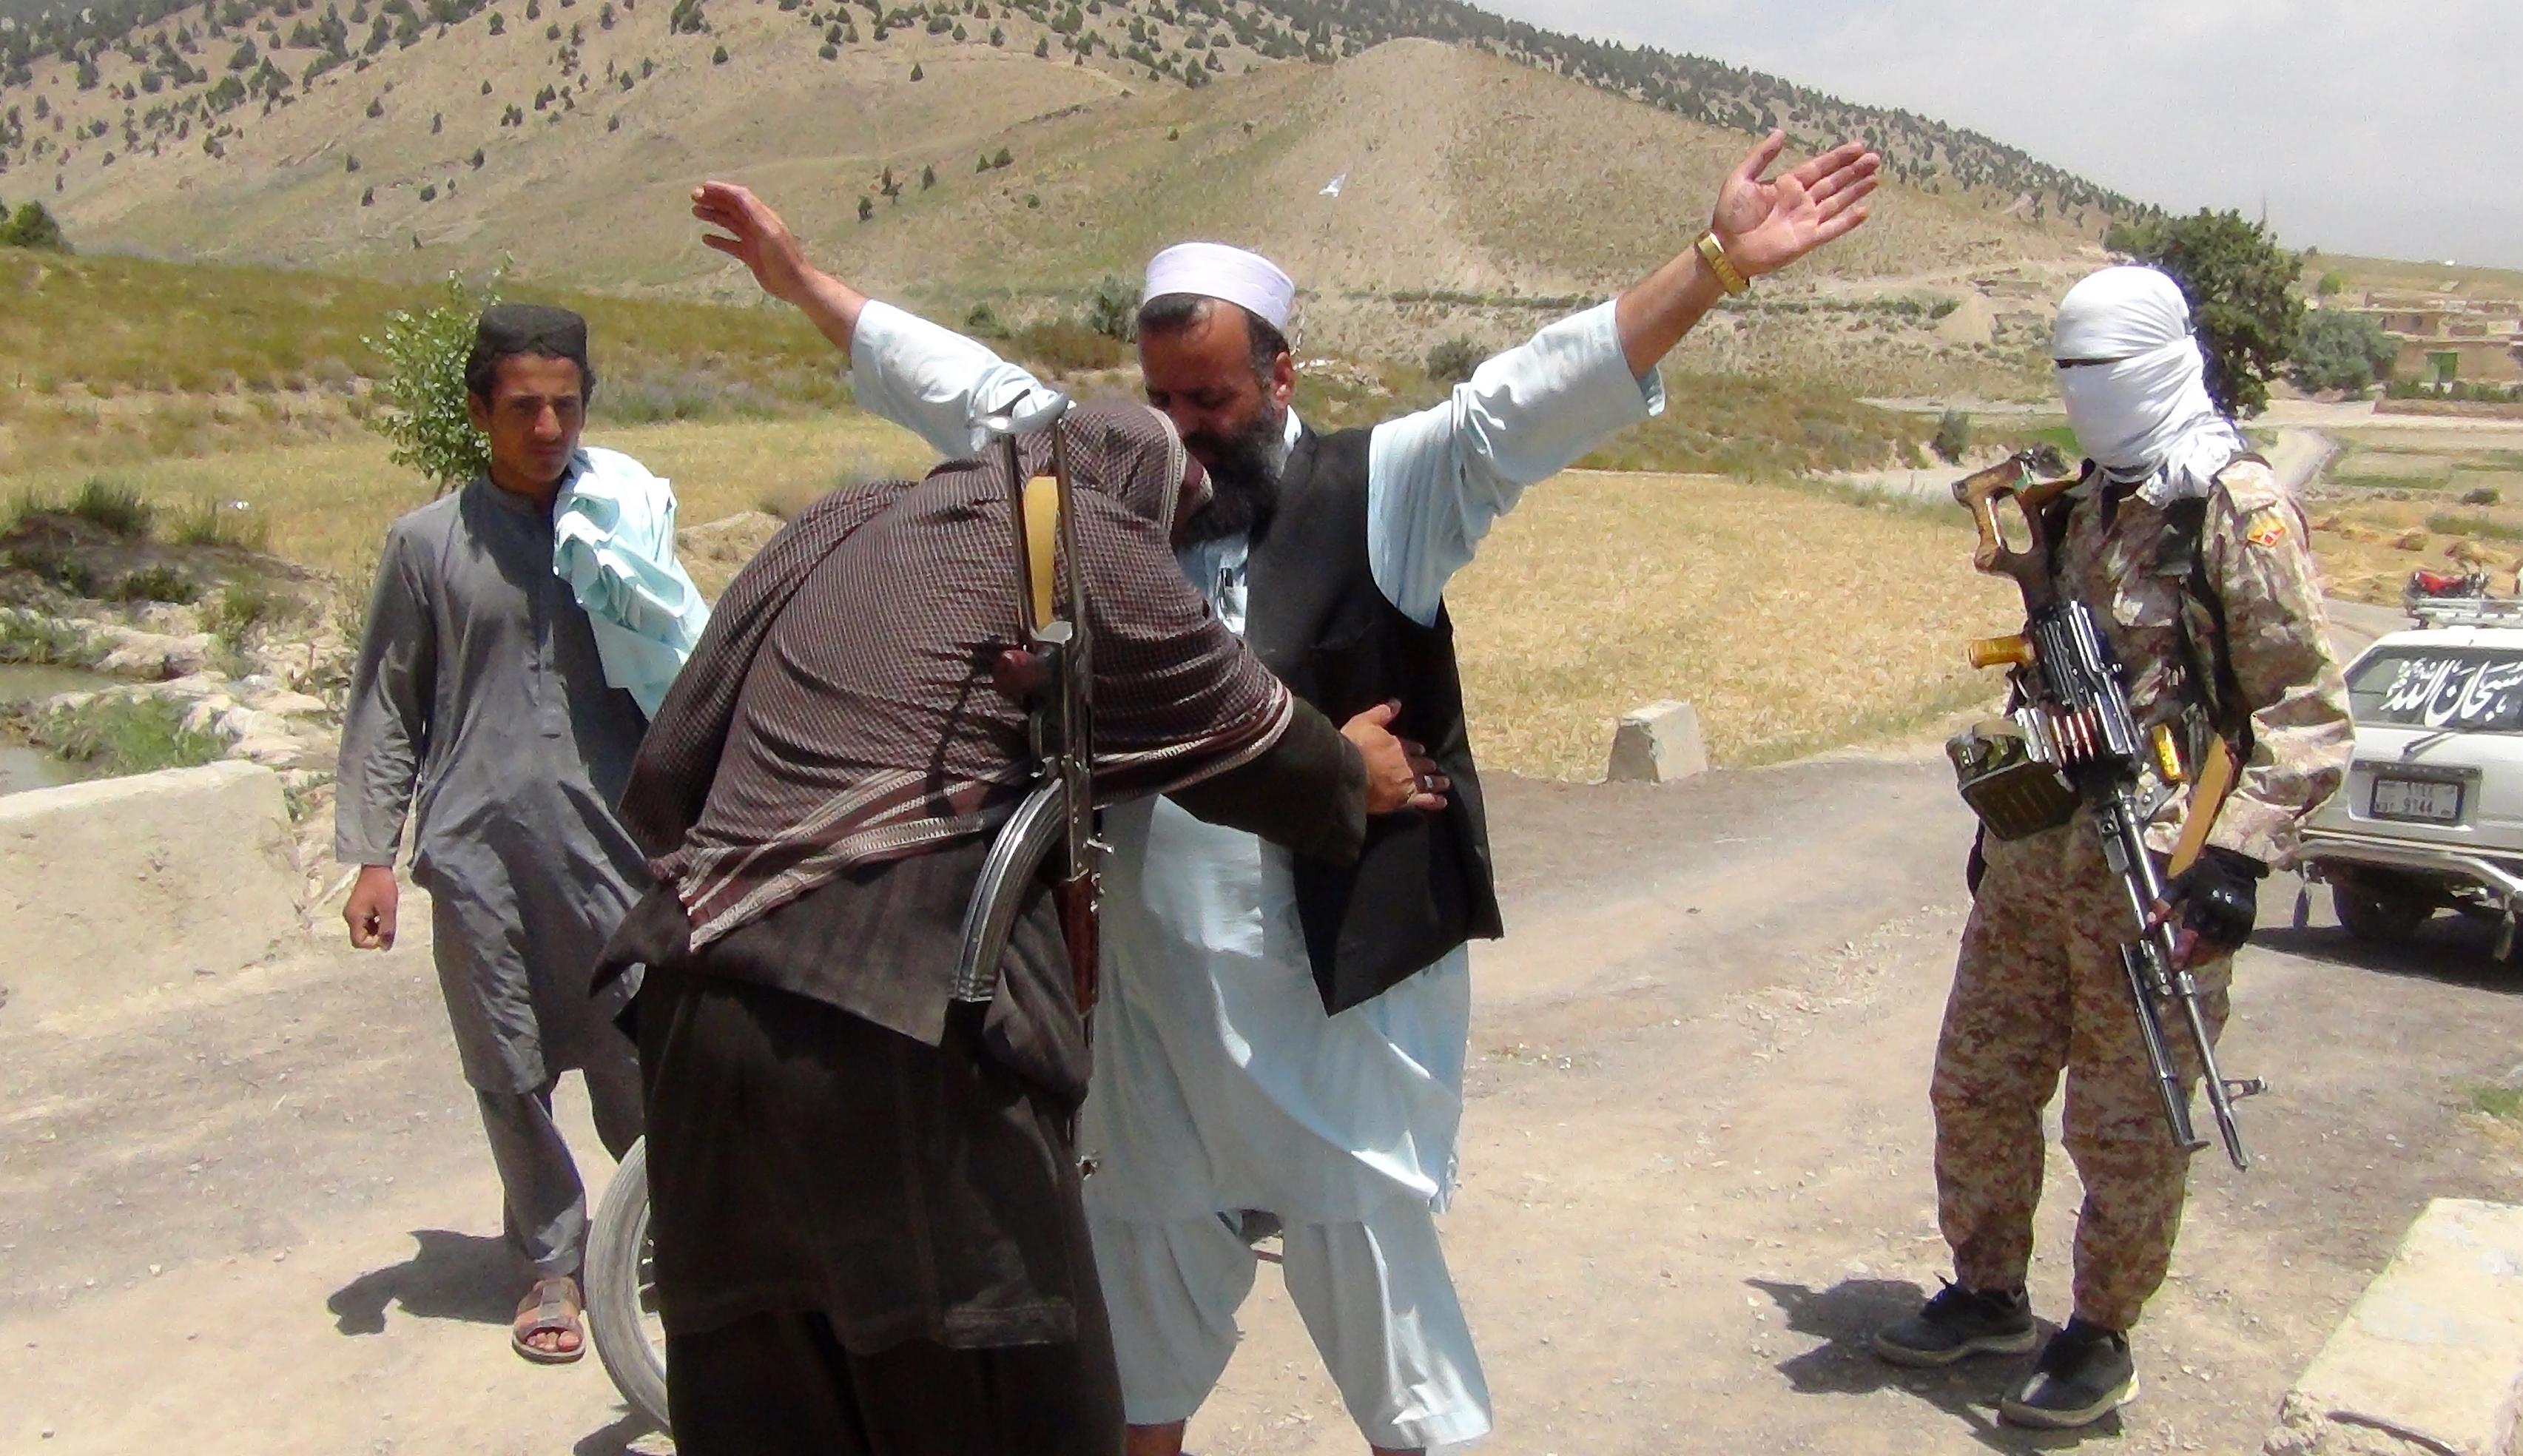 طالبان با پول های اخاذی شده از مردم سلاح های روسی خریداری میکنند